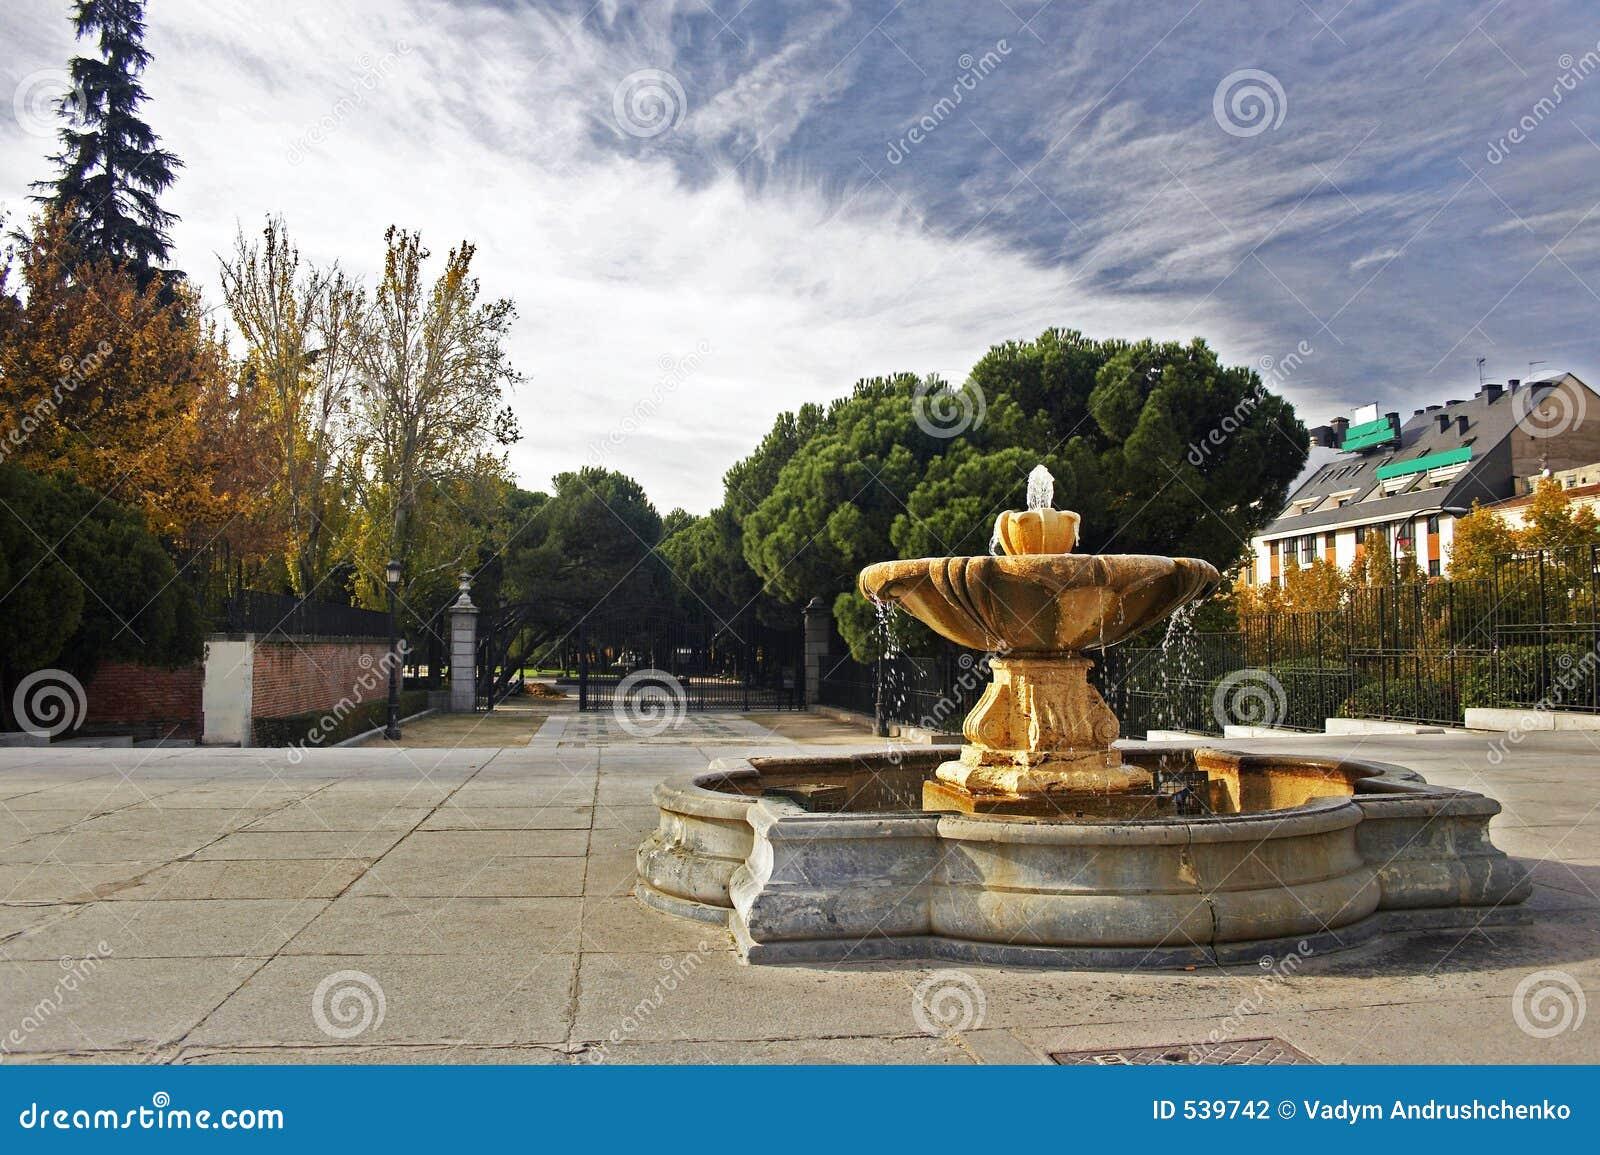 Download 喷泉 库存照片. 图片 包括有 西班牙, 公园, 马德里, 石头, 喷泉, 布哈拉, 灯笼, 拱道, 艺术, 喷口 - 539742